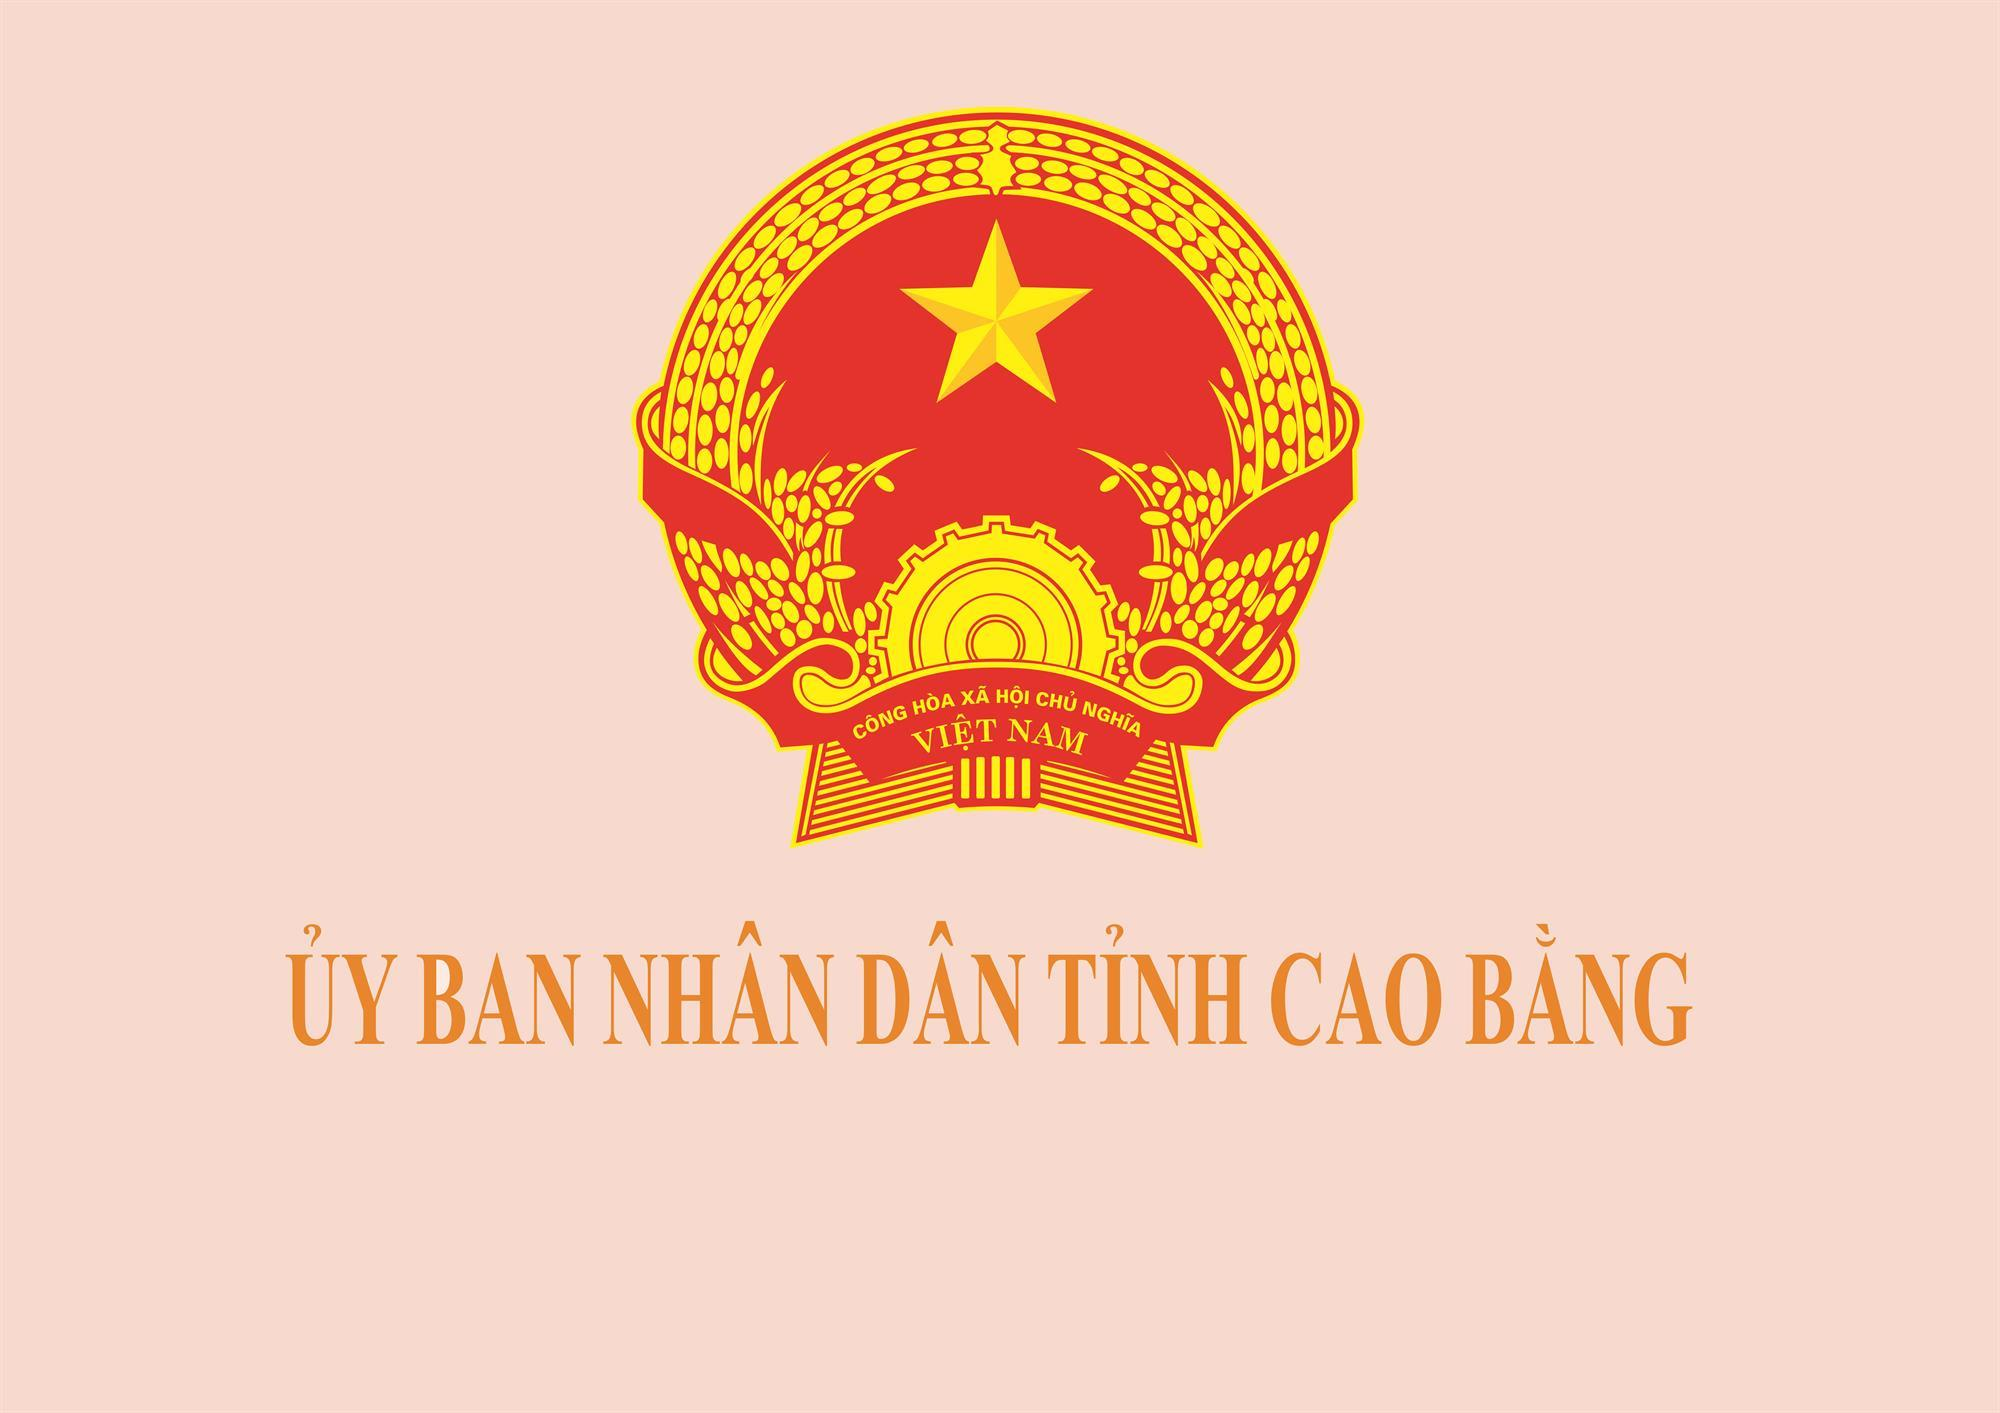 UBND tỉnh Cao Bằng: Trẻ em, học sinh, học viên, sinh viên nghỉ học từ ngày 27/3